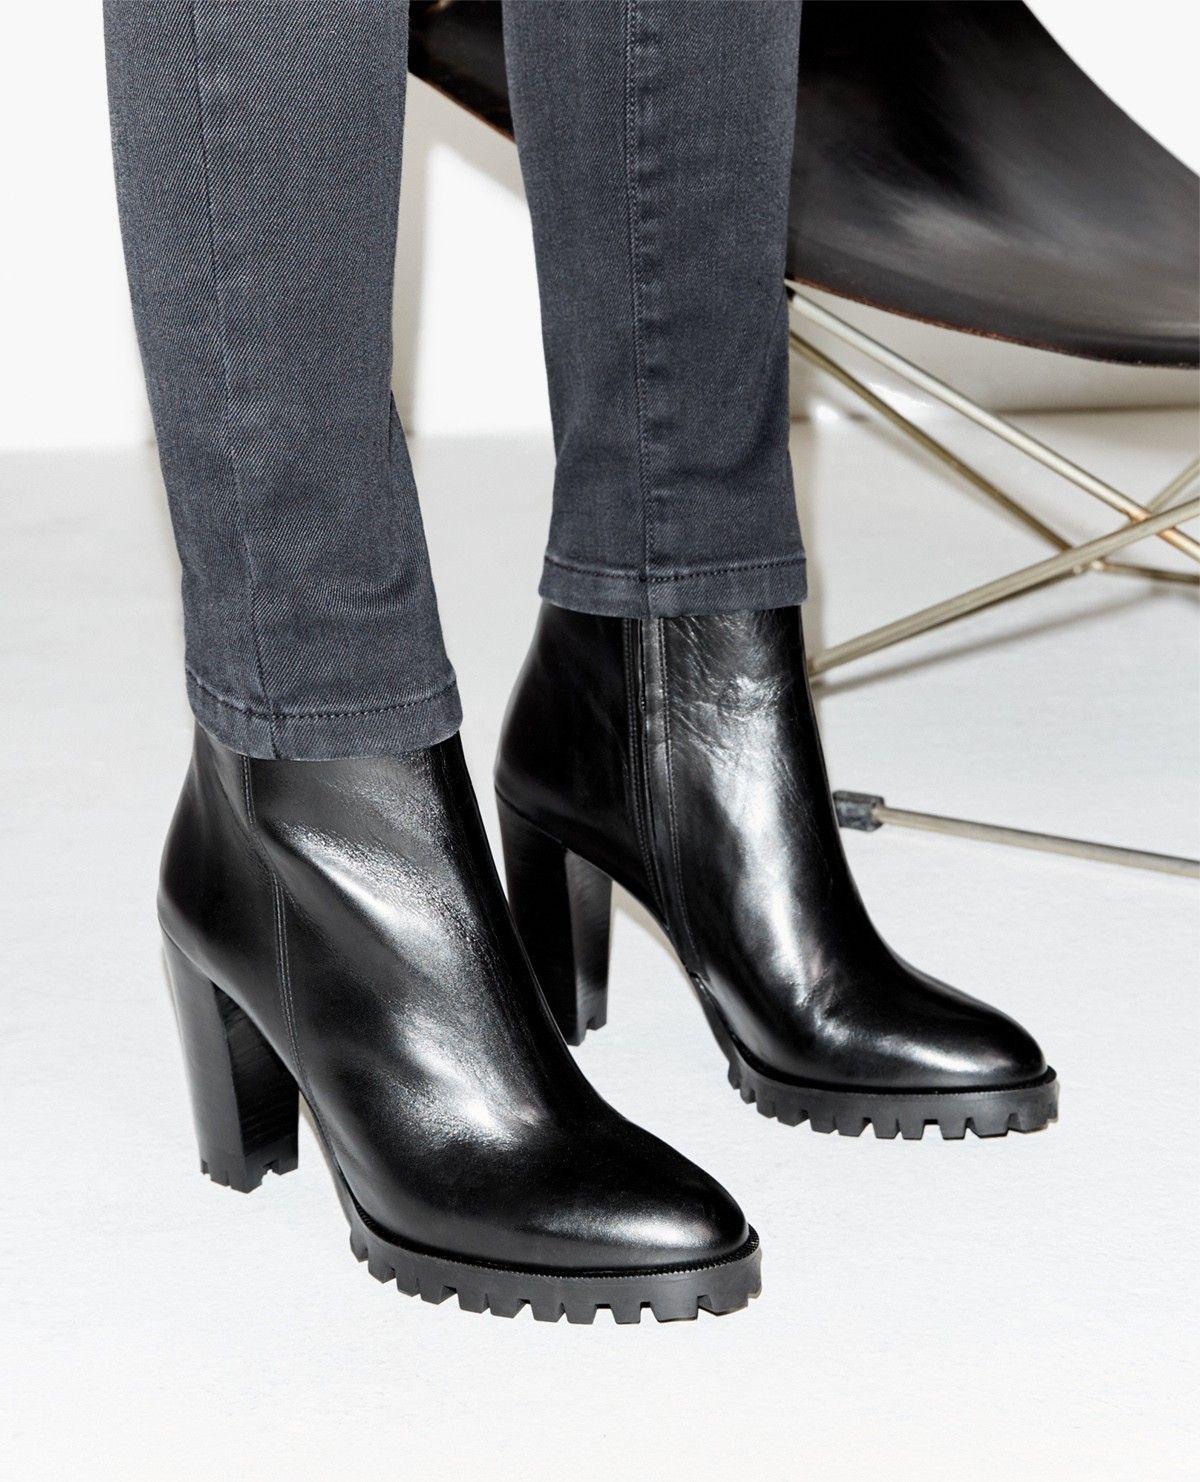 boots en cuir à talons hauts et semelles crantées - chaussures